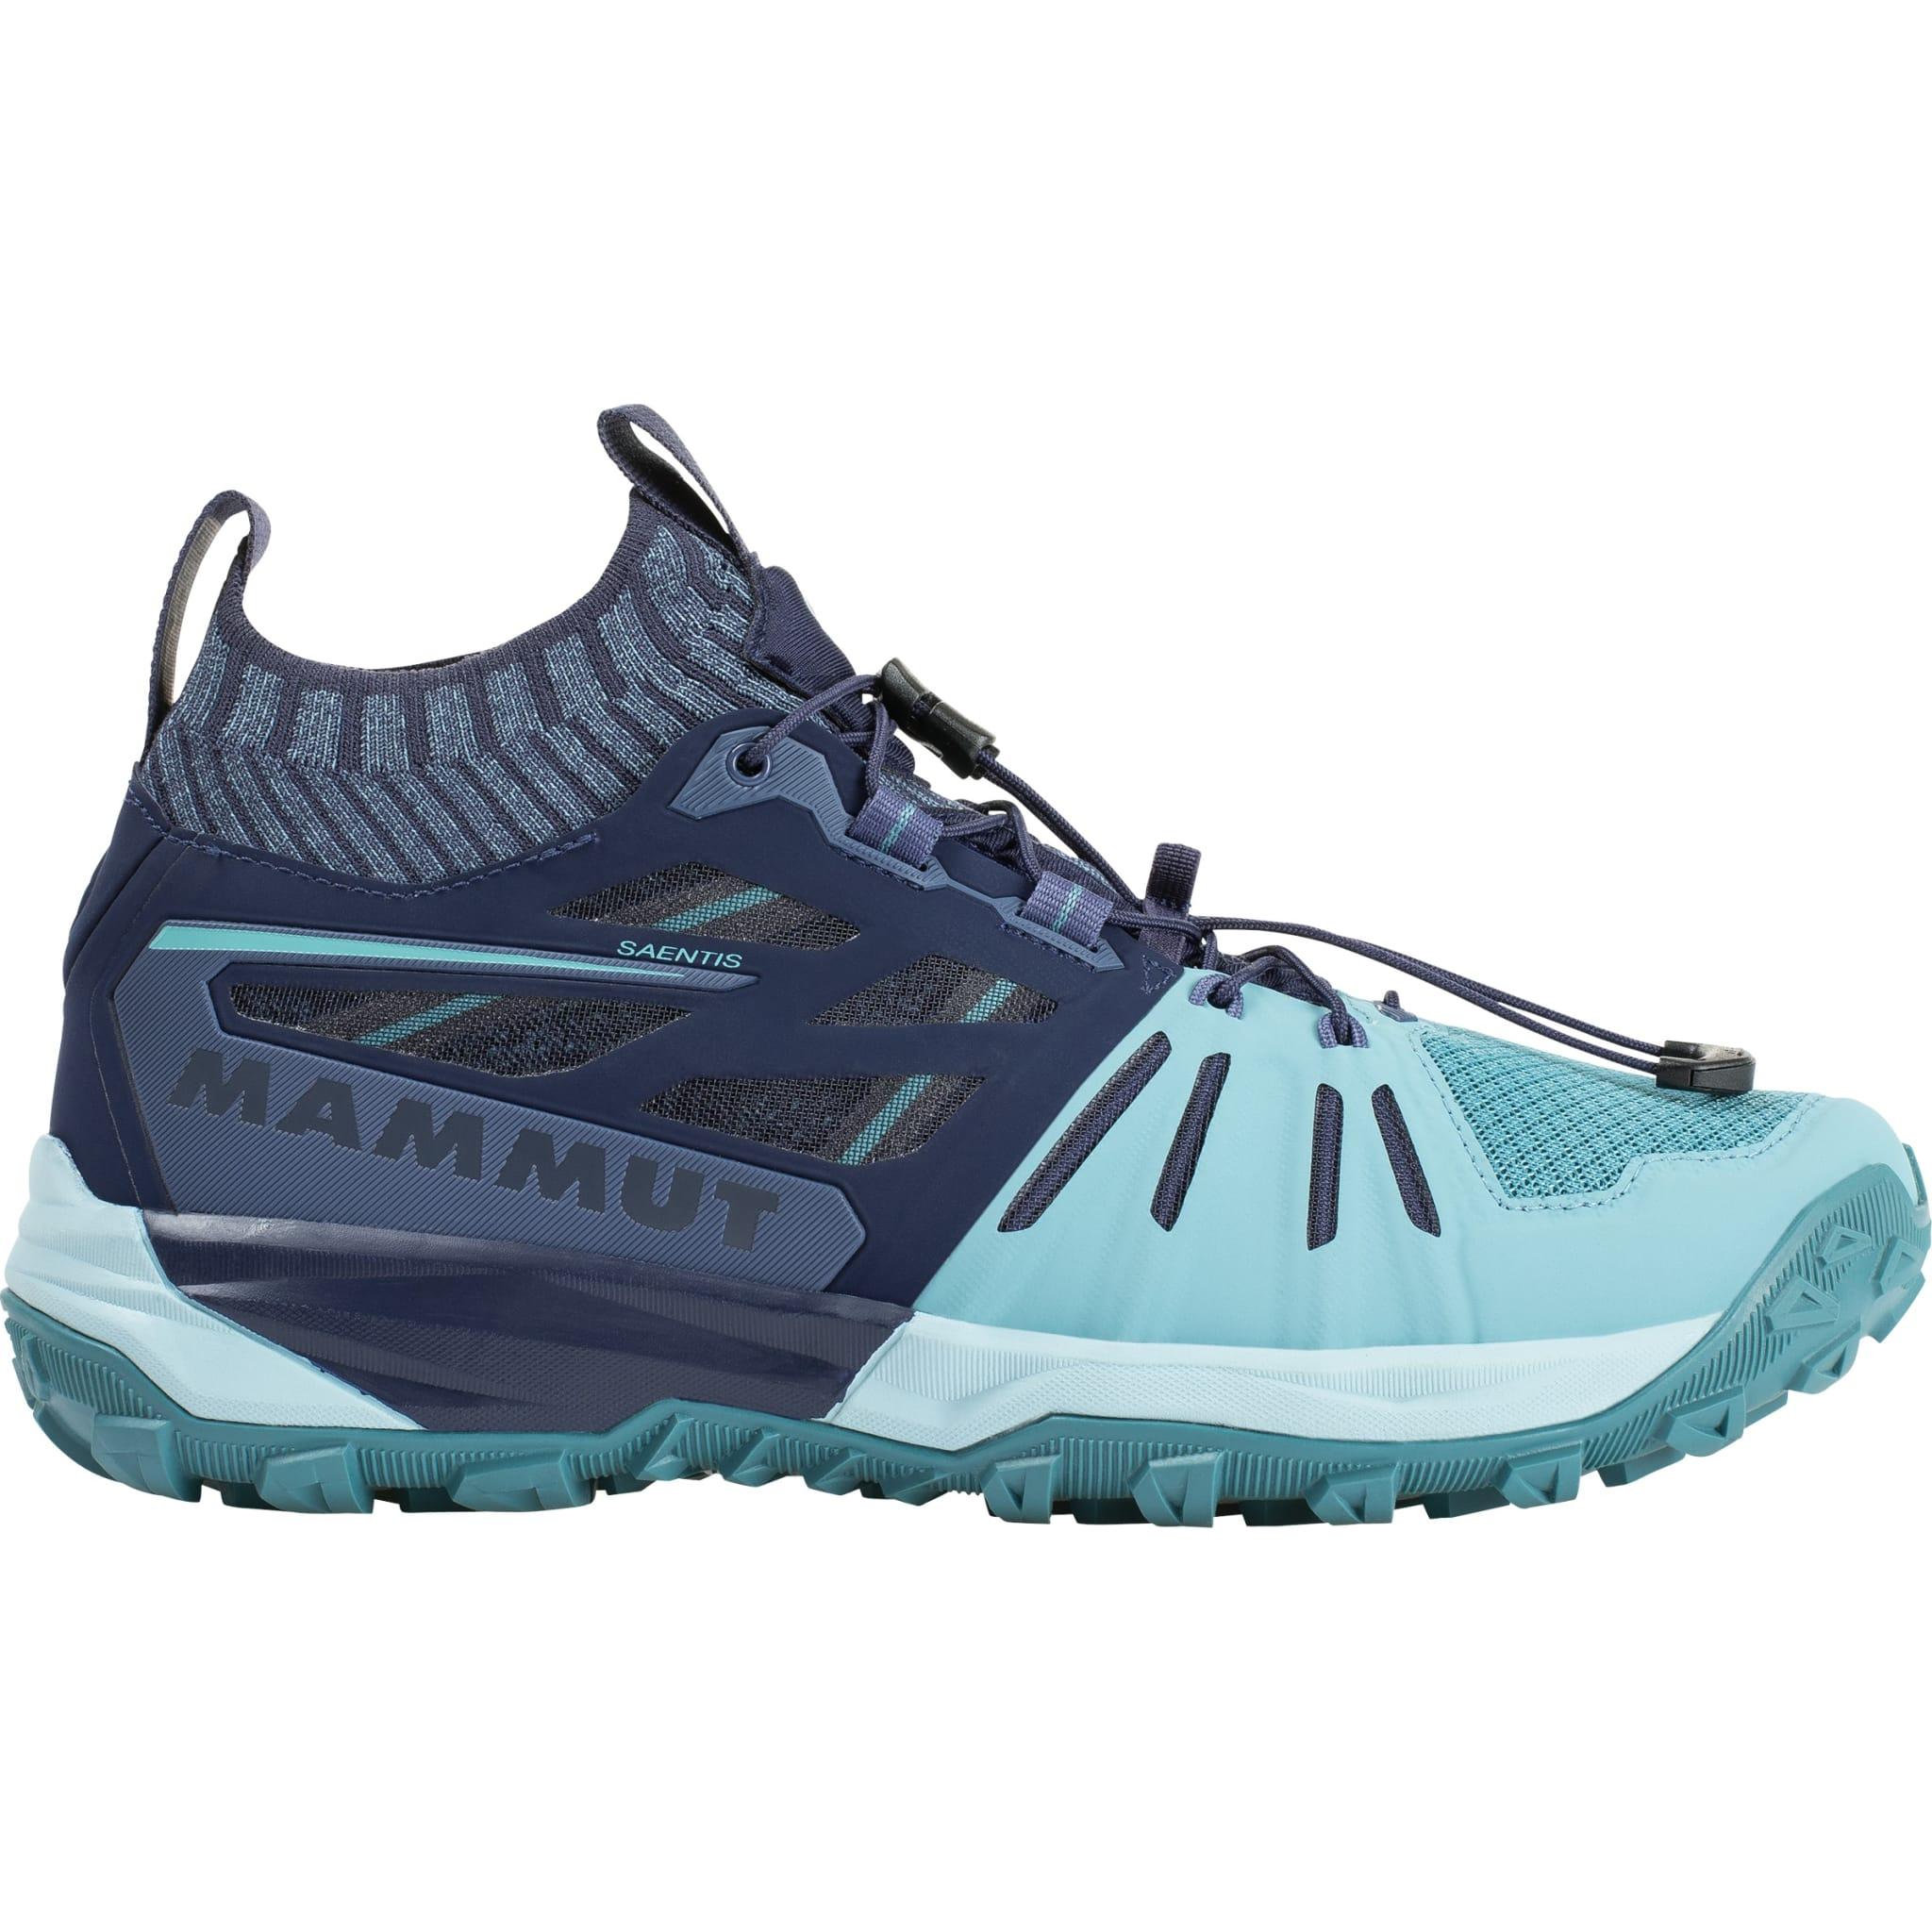 Superlett sko til stiløping